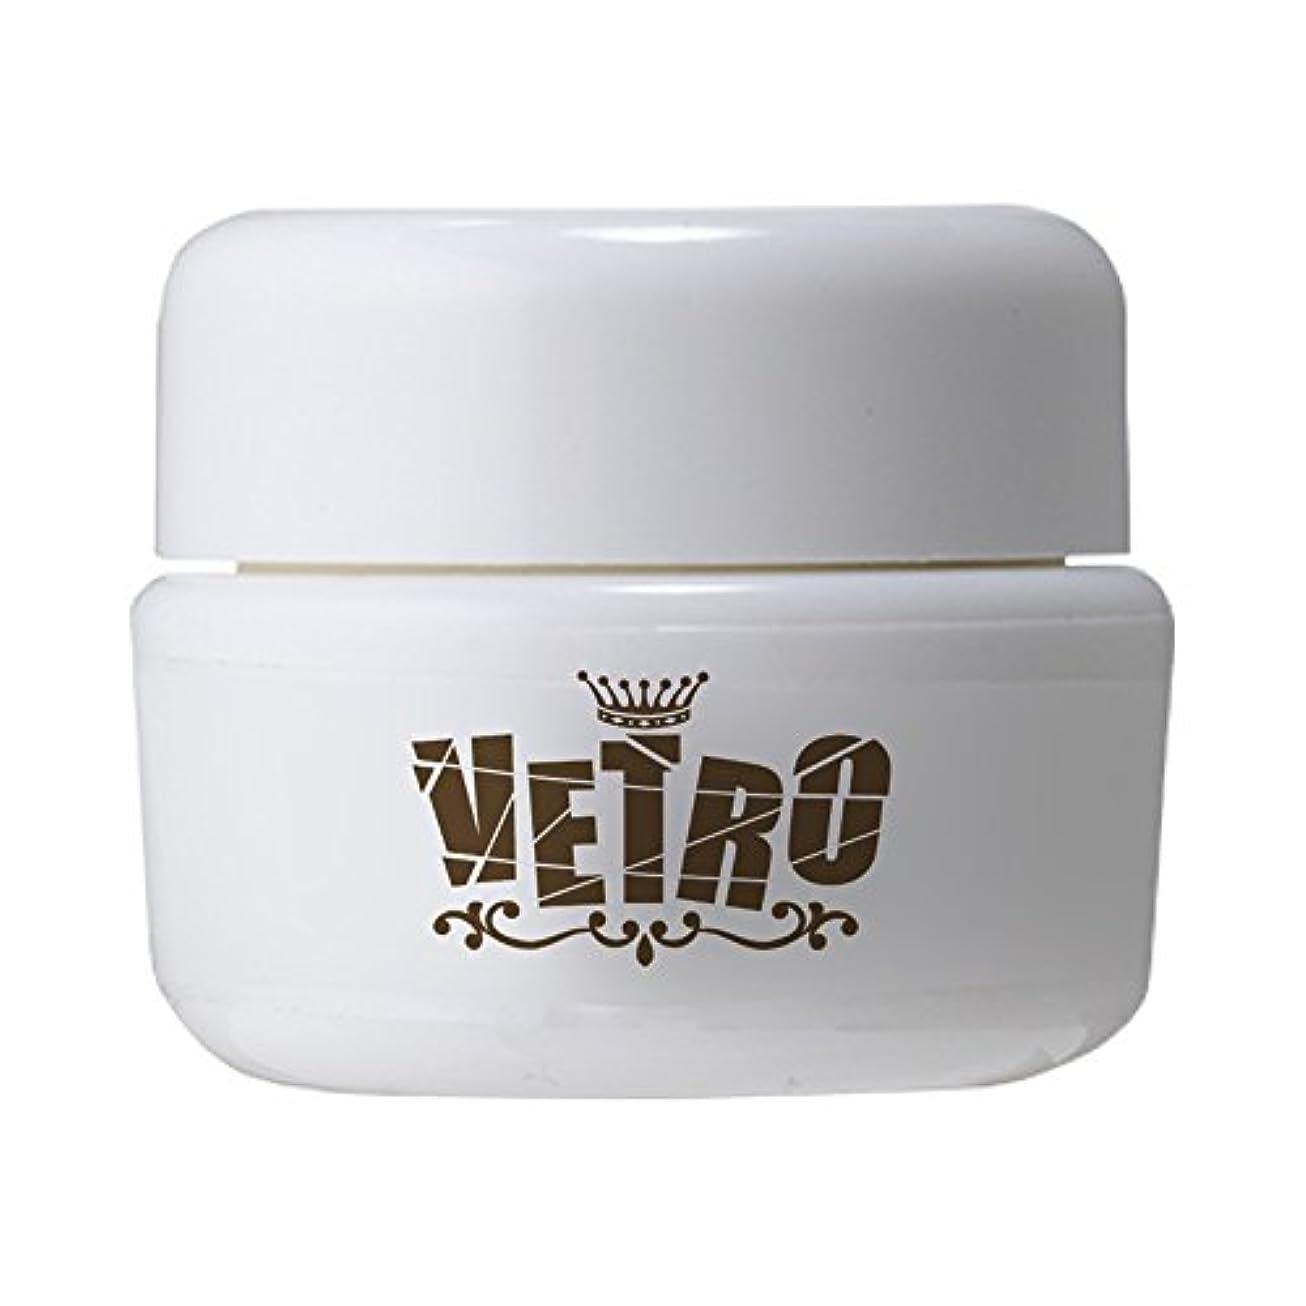 ラボ実現可能性長老ベトロ VETRO カラージェル VL283 4ml テクスチャー:ソフト シアー UV/LED対応